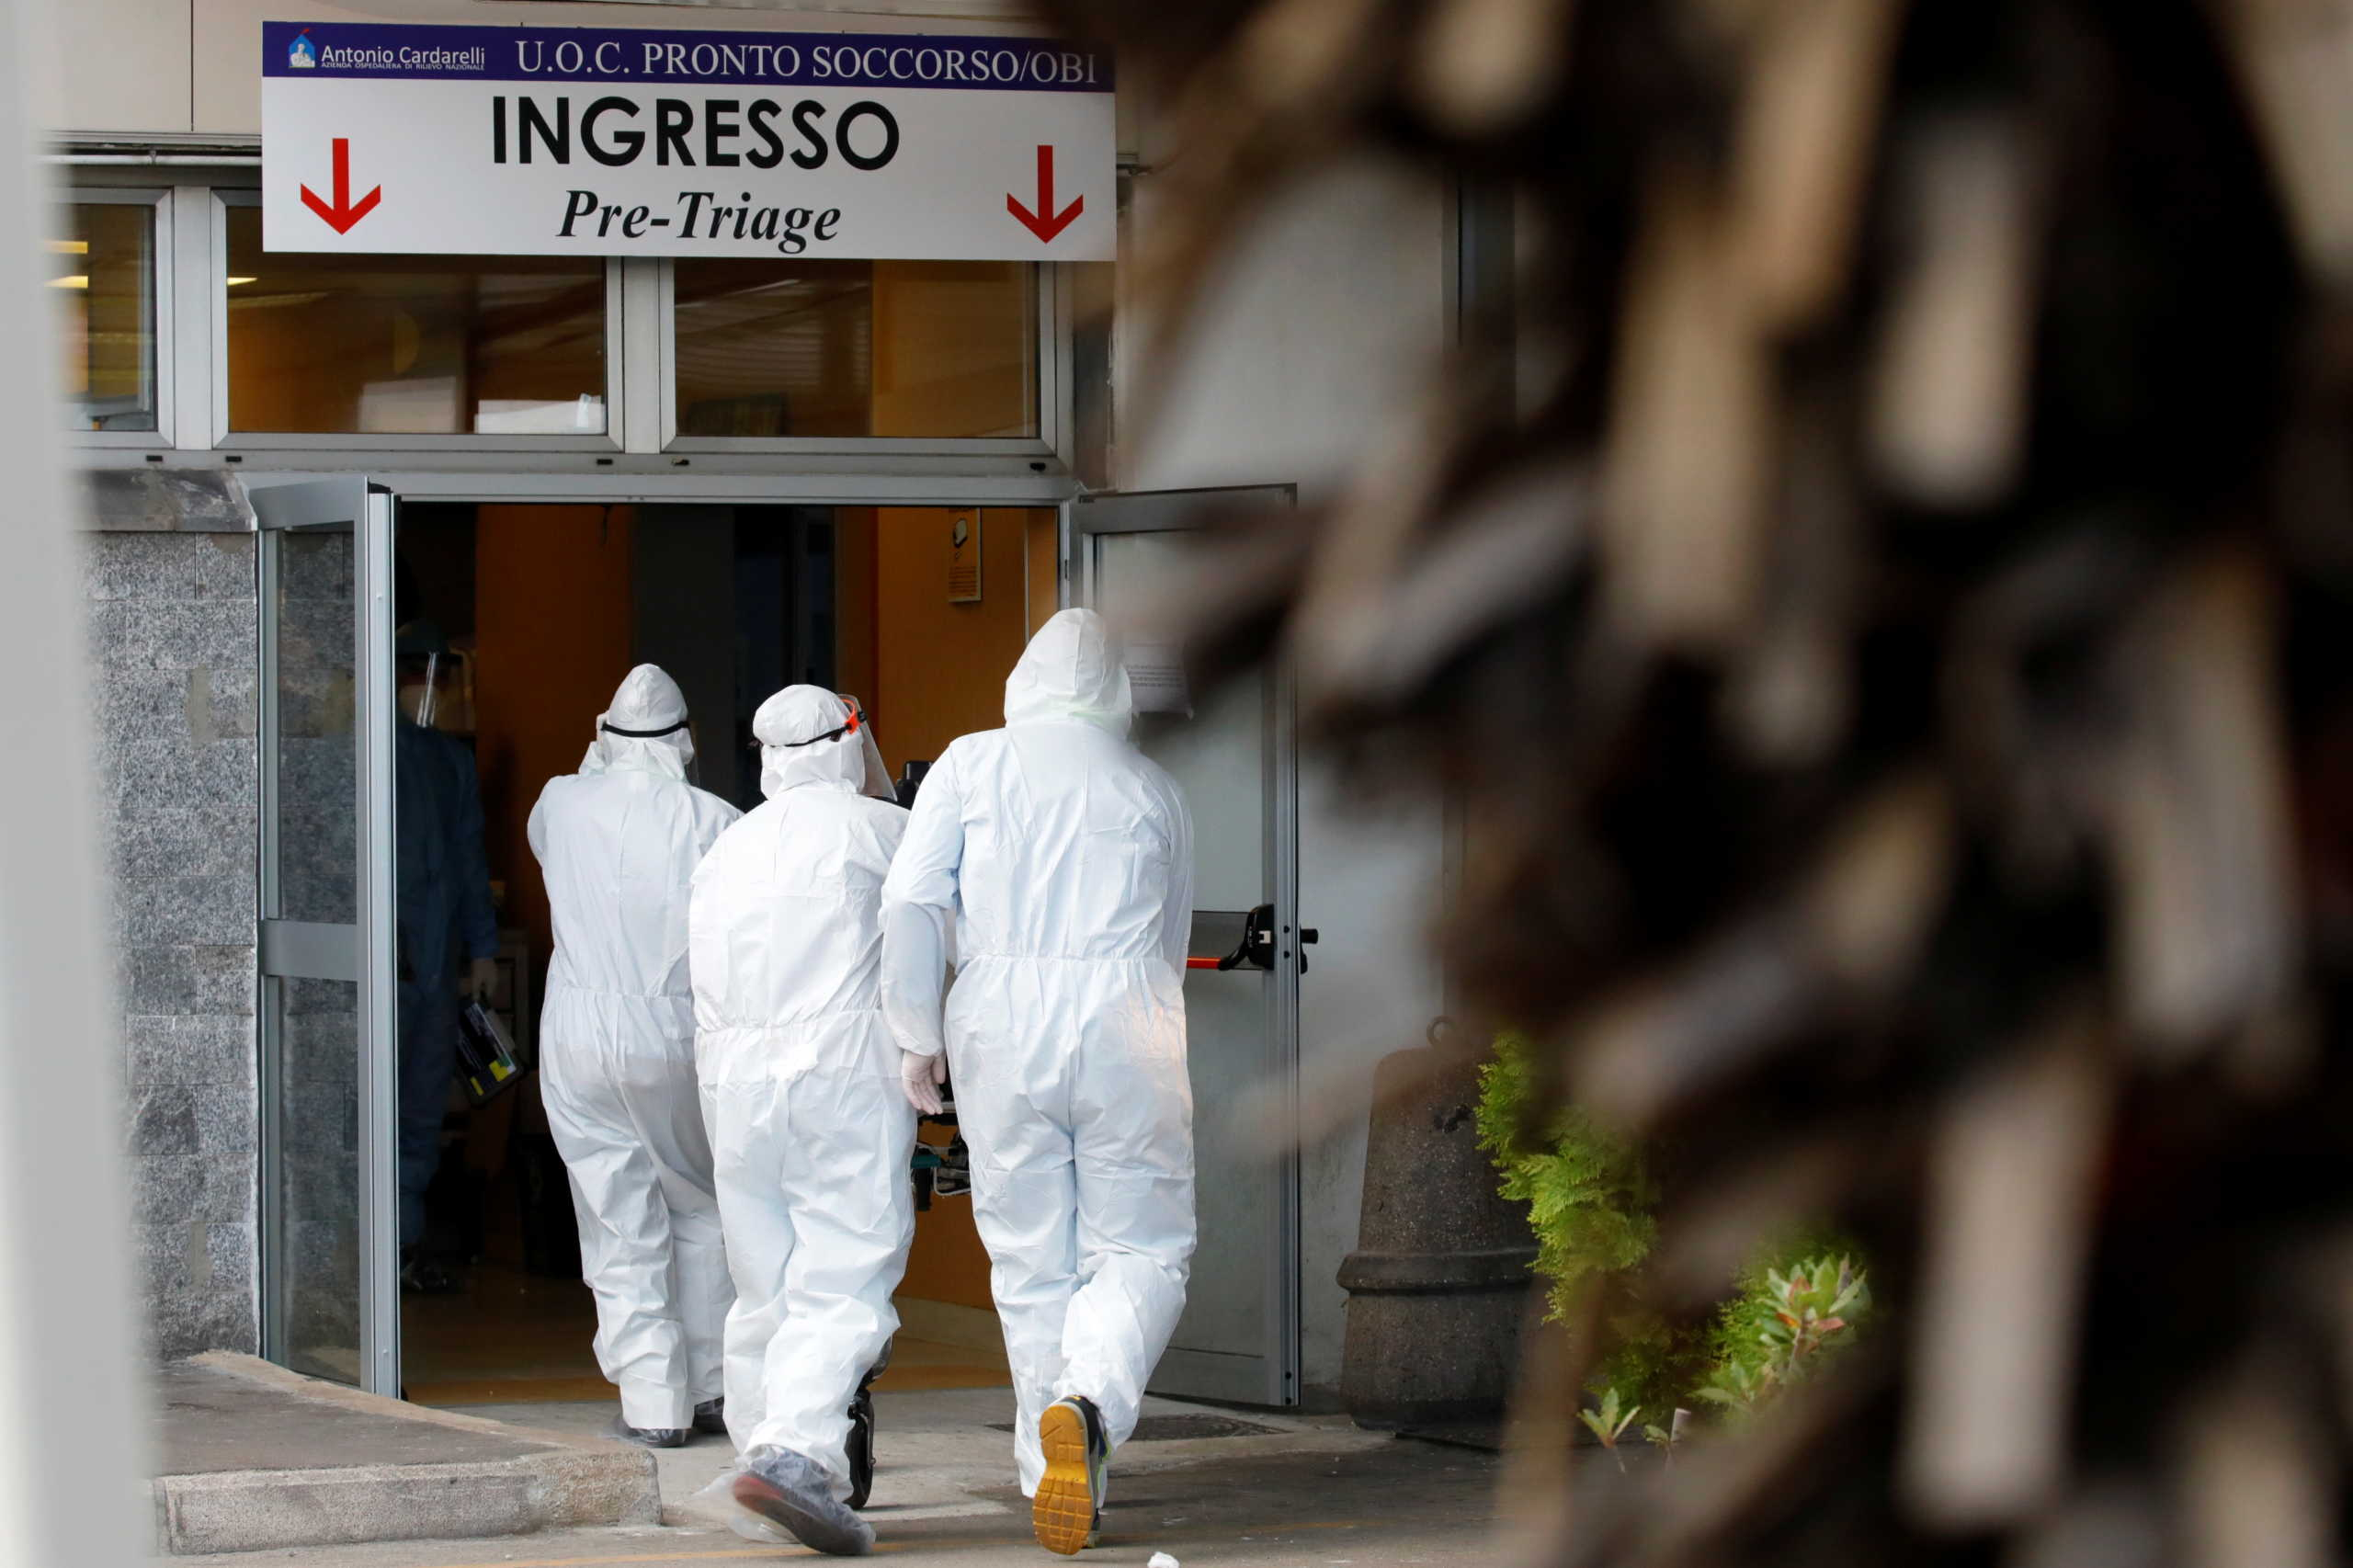 Ιταλία – Κορονοϊός: 12.532 νέα κρούσματα και 448 θάνατοι το τελευταίο 24ωρο